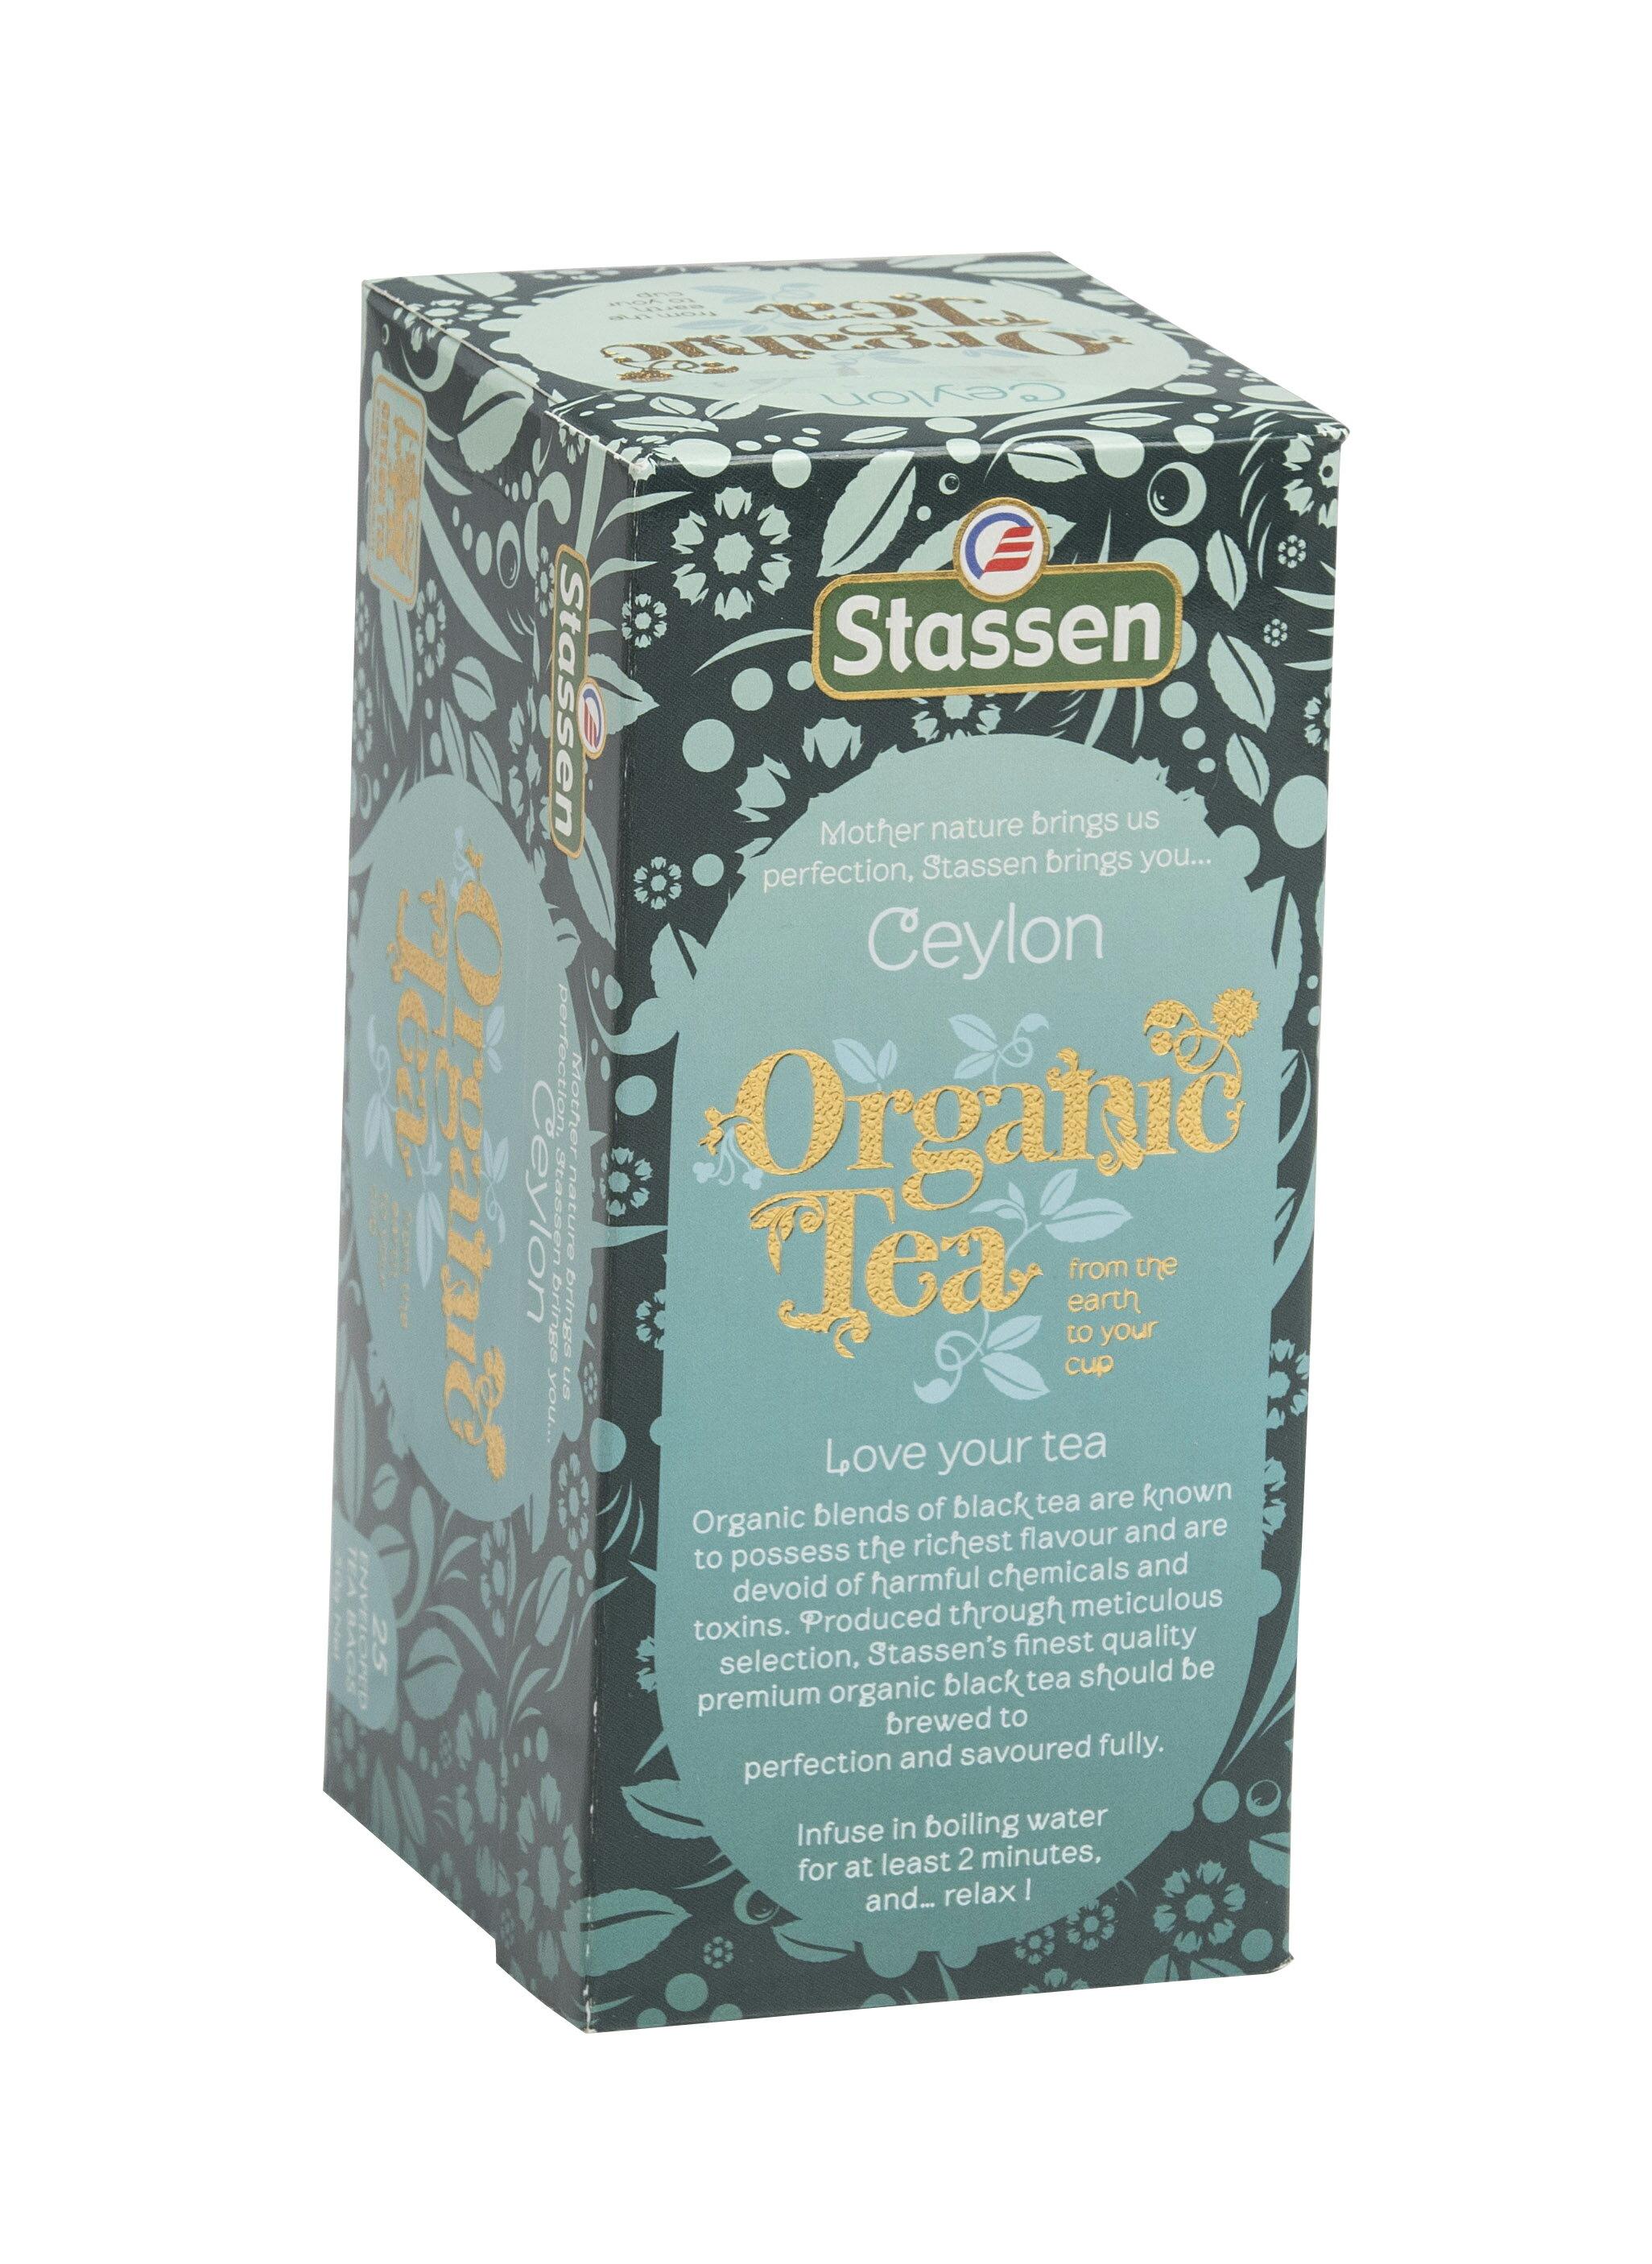 Stassen 司迪生 有機紅茶【25入*1盒】★即期品★